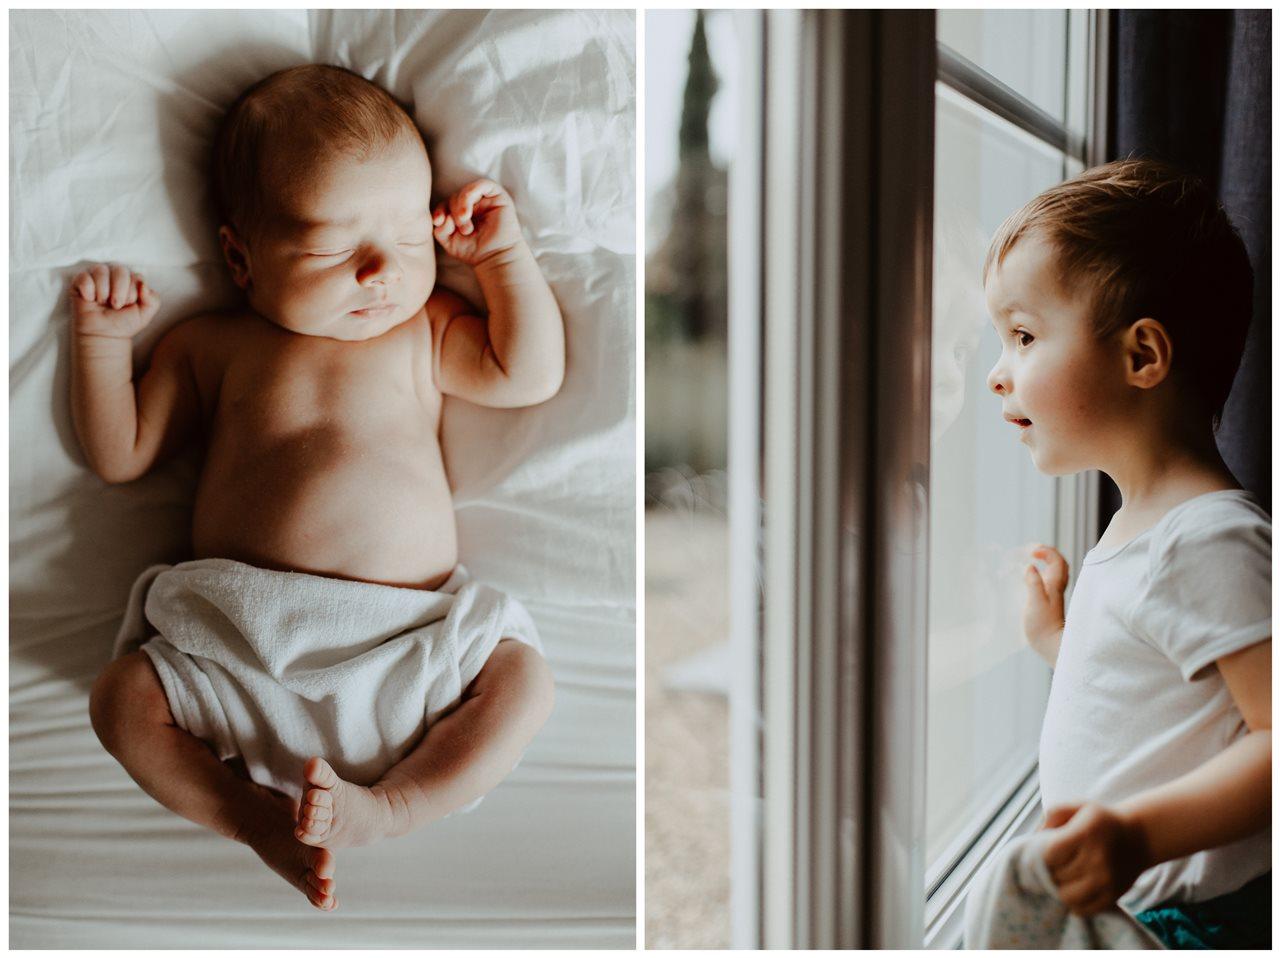 séance nouveau-né lifestyle portrait bébé lit et petit garçon fenêtre